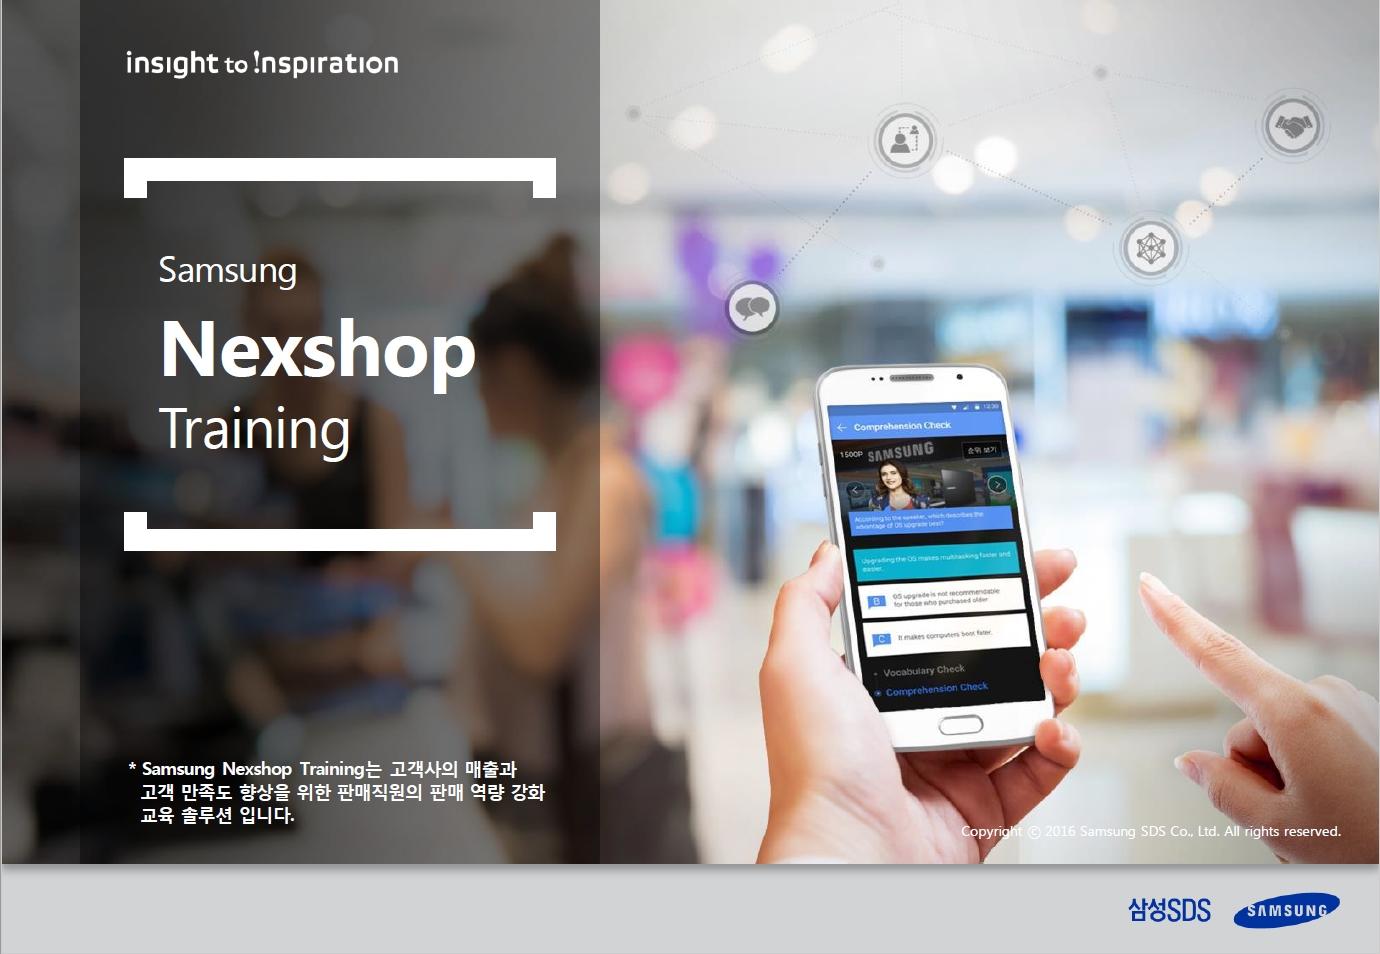 사용안함 [Nexshop Training] 교육생을 제품 전문가로